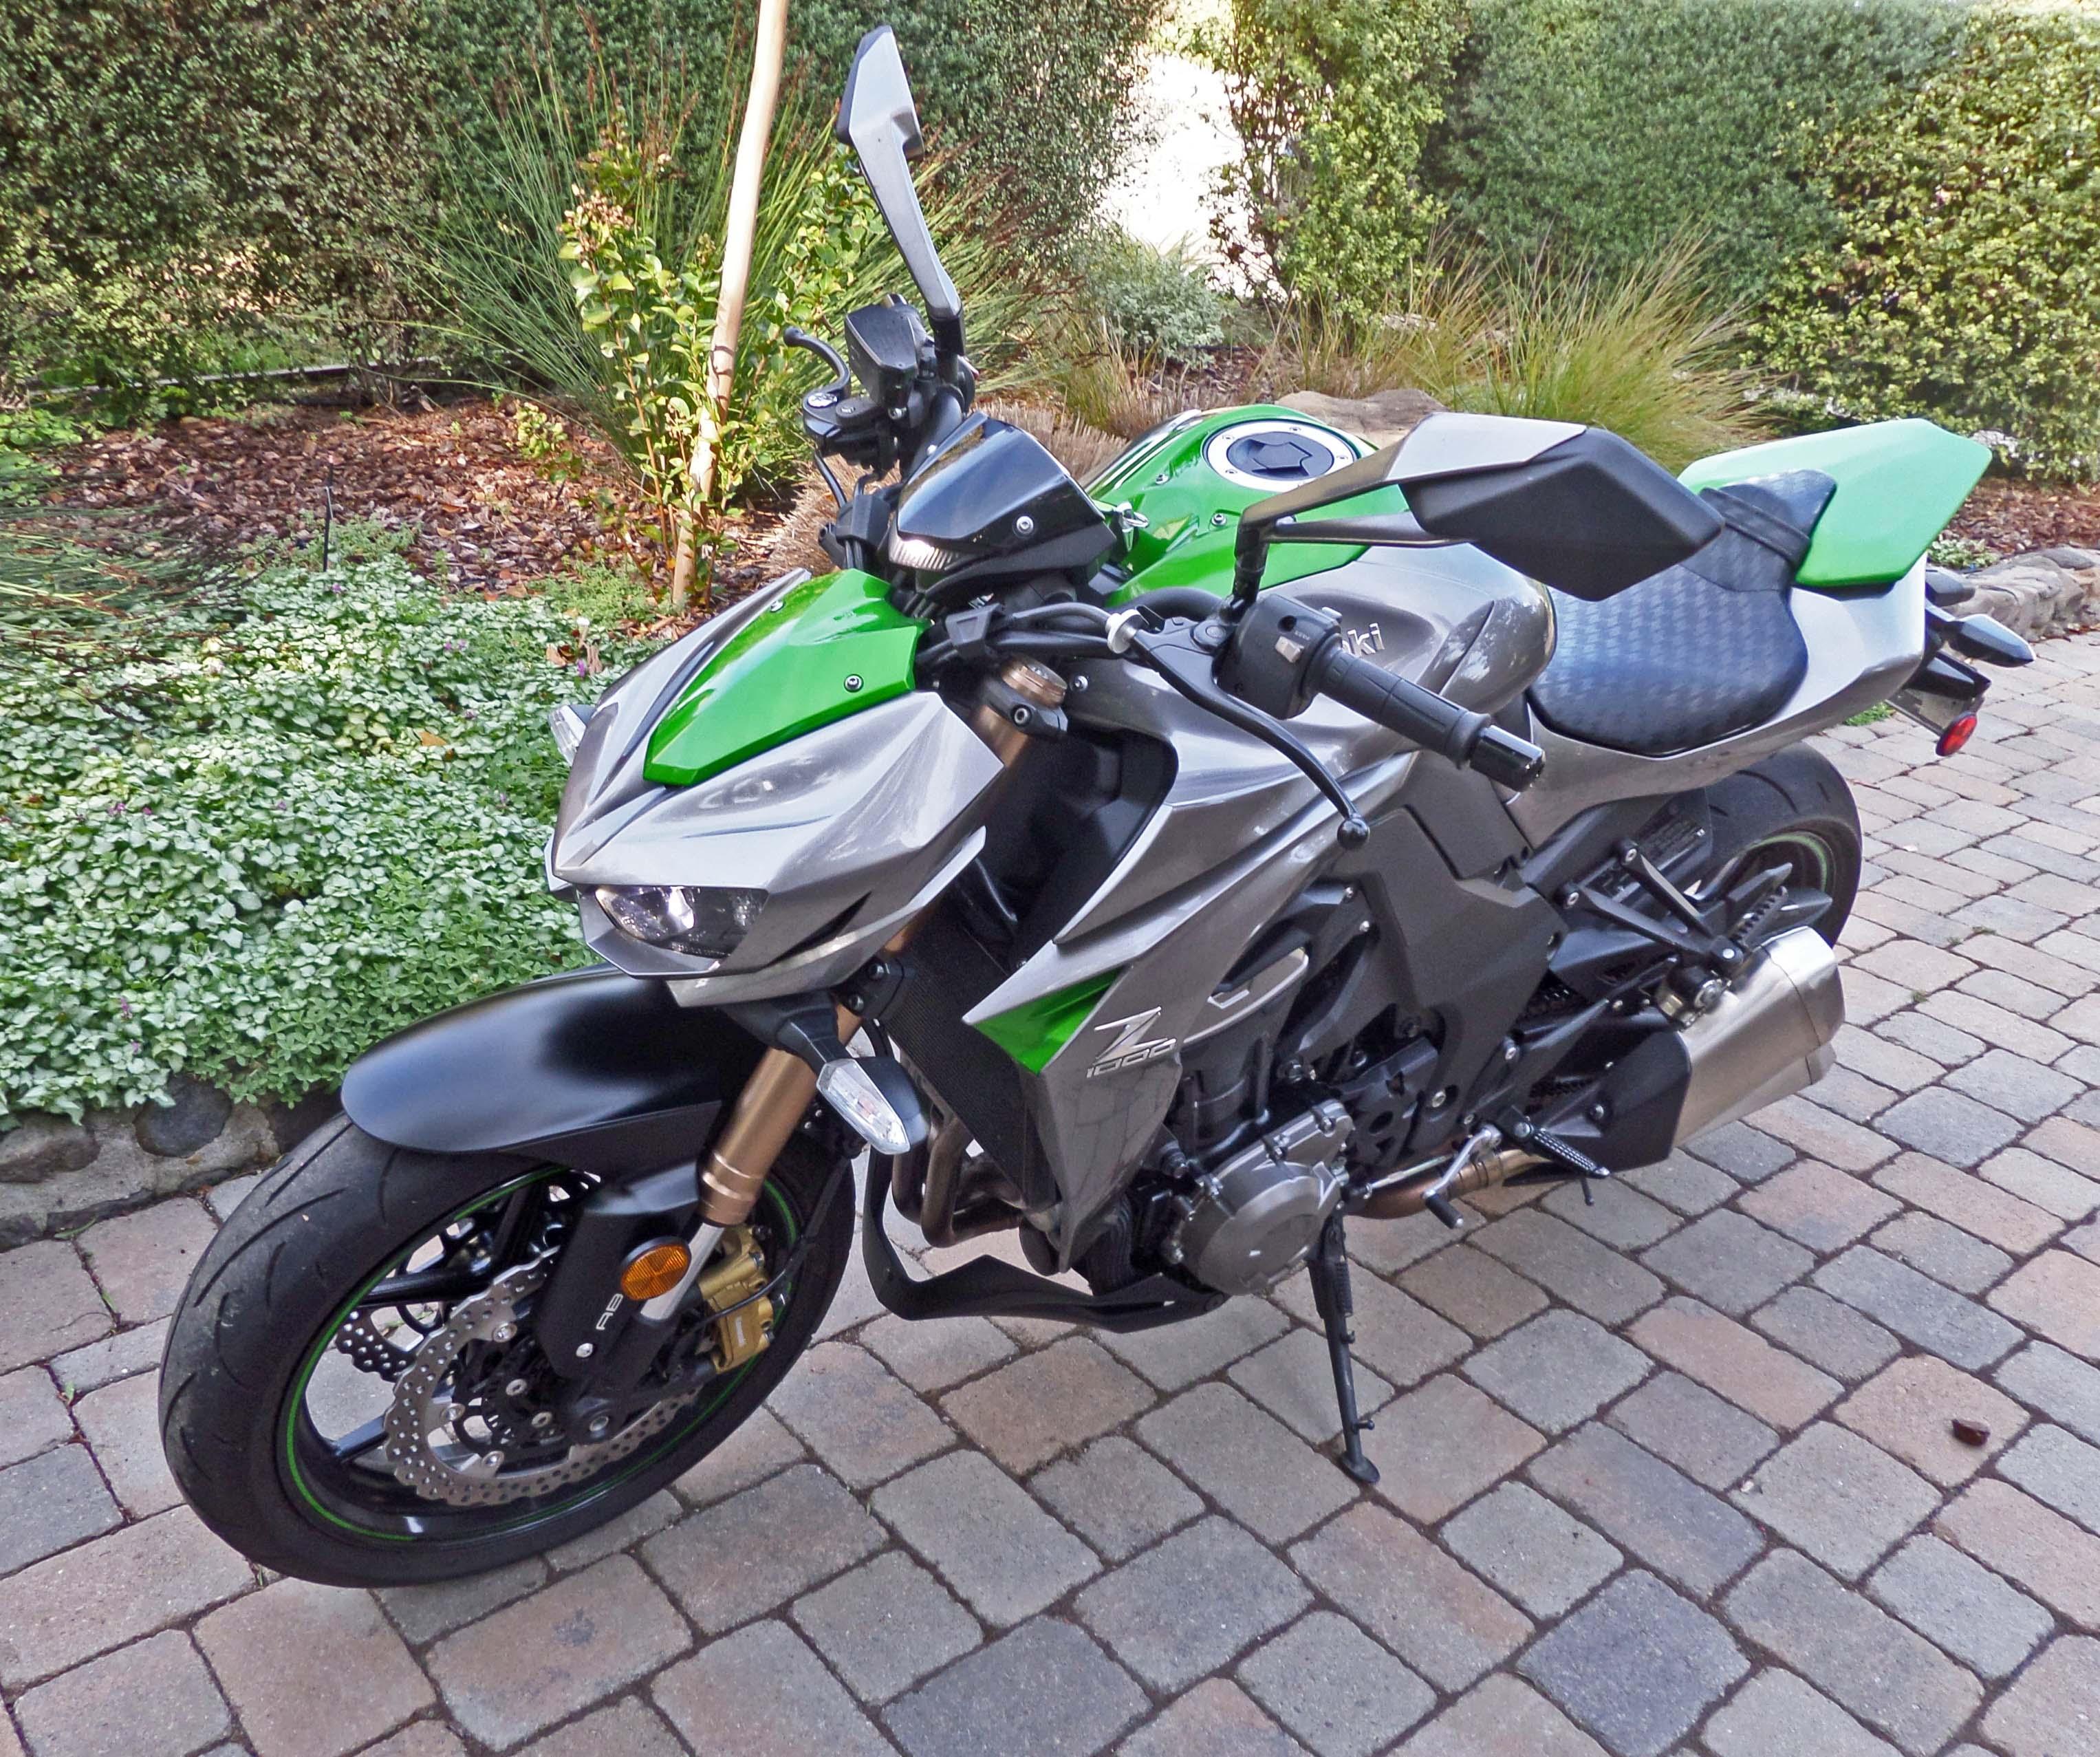 2015 Kawasaki Z1000 ABS Test Ride | Our Auto Expert